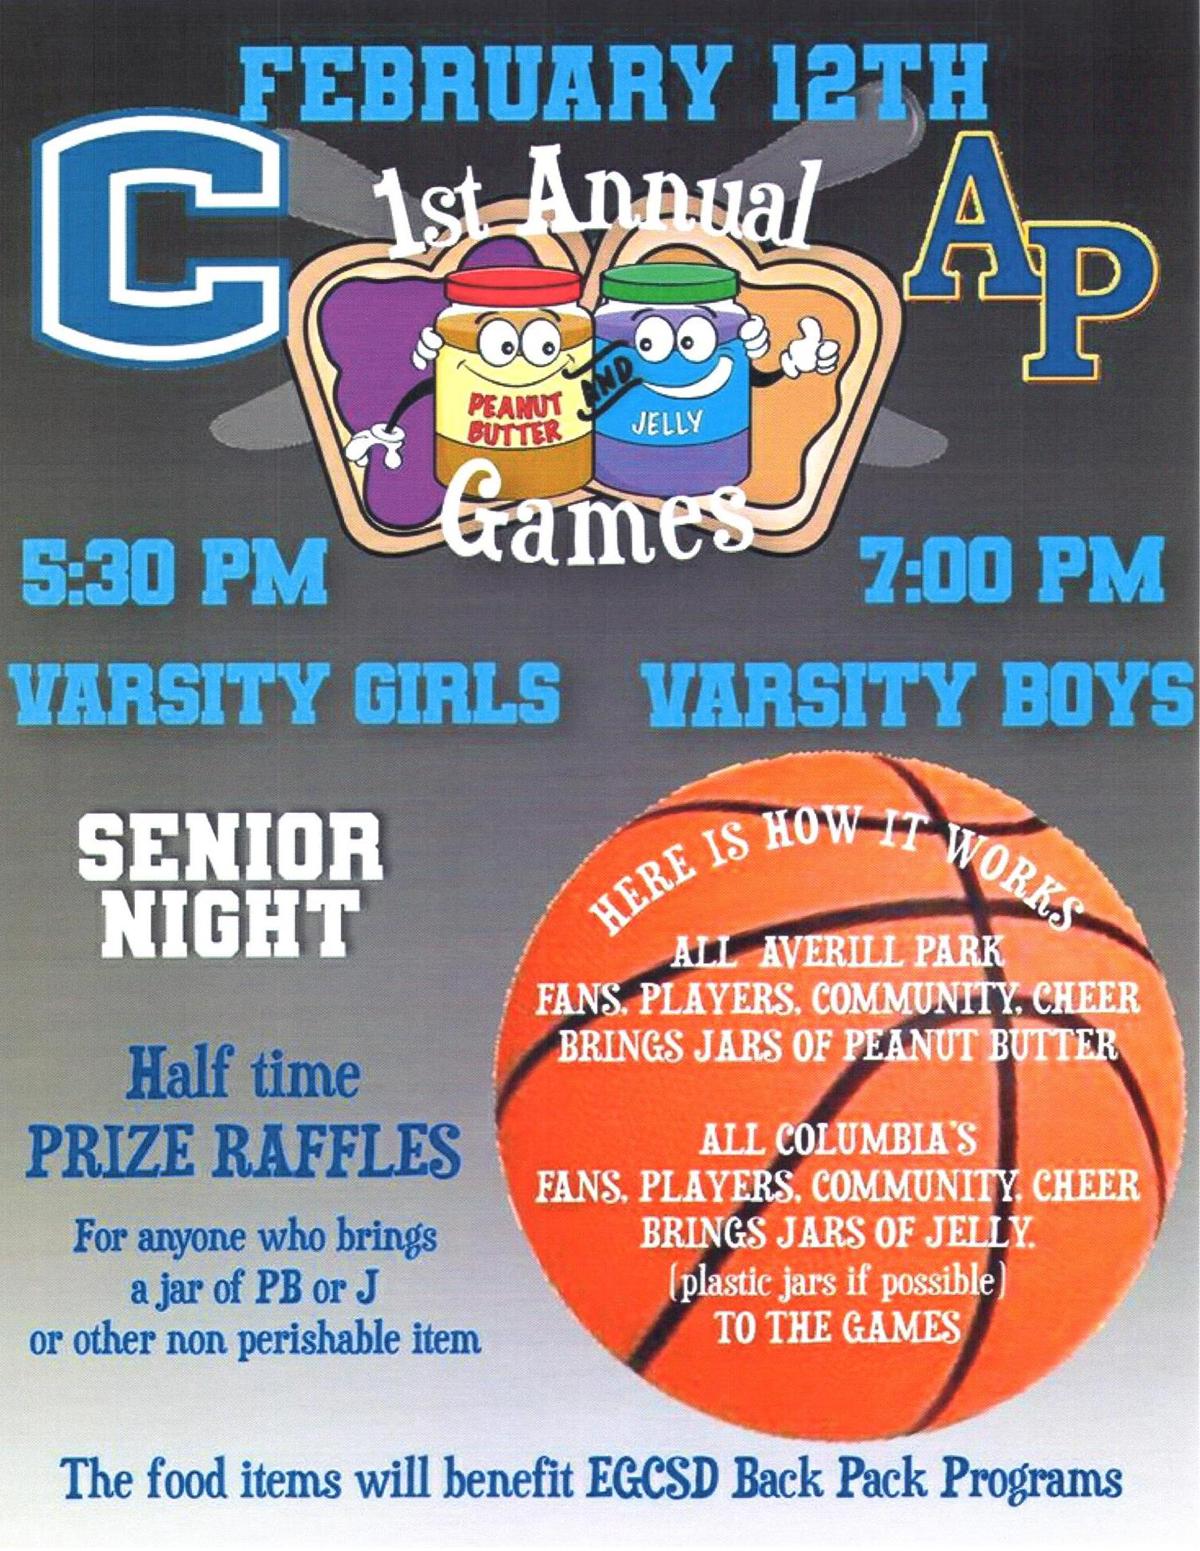 Columbia vs. Averill Park basketball game flyer